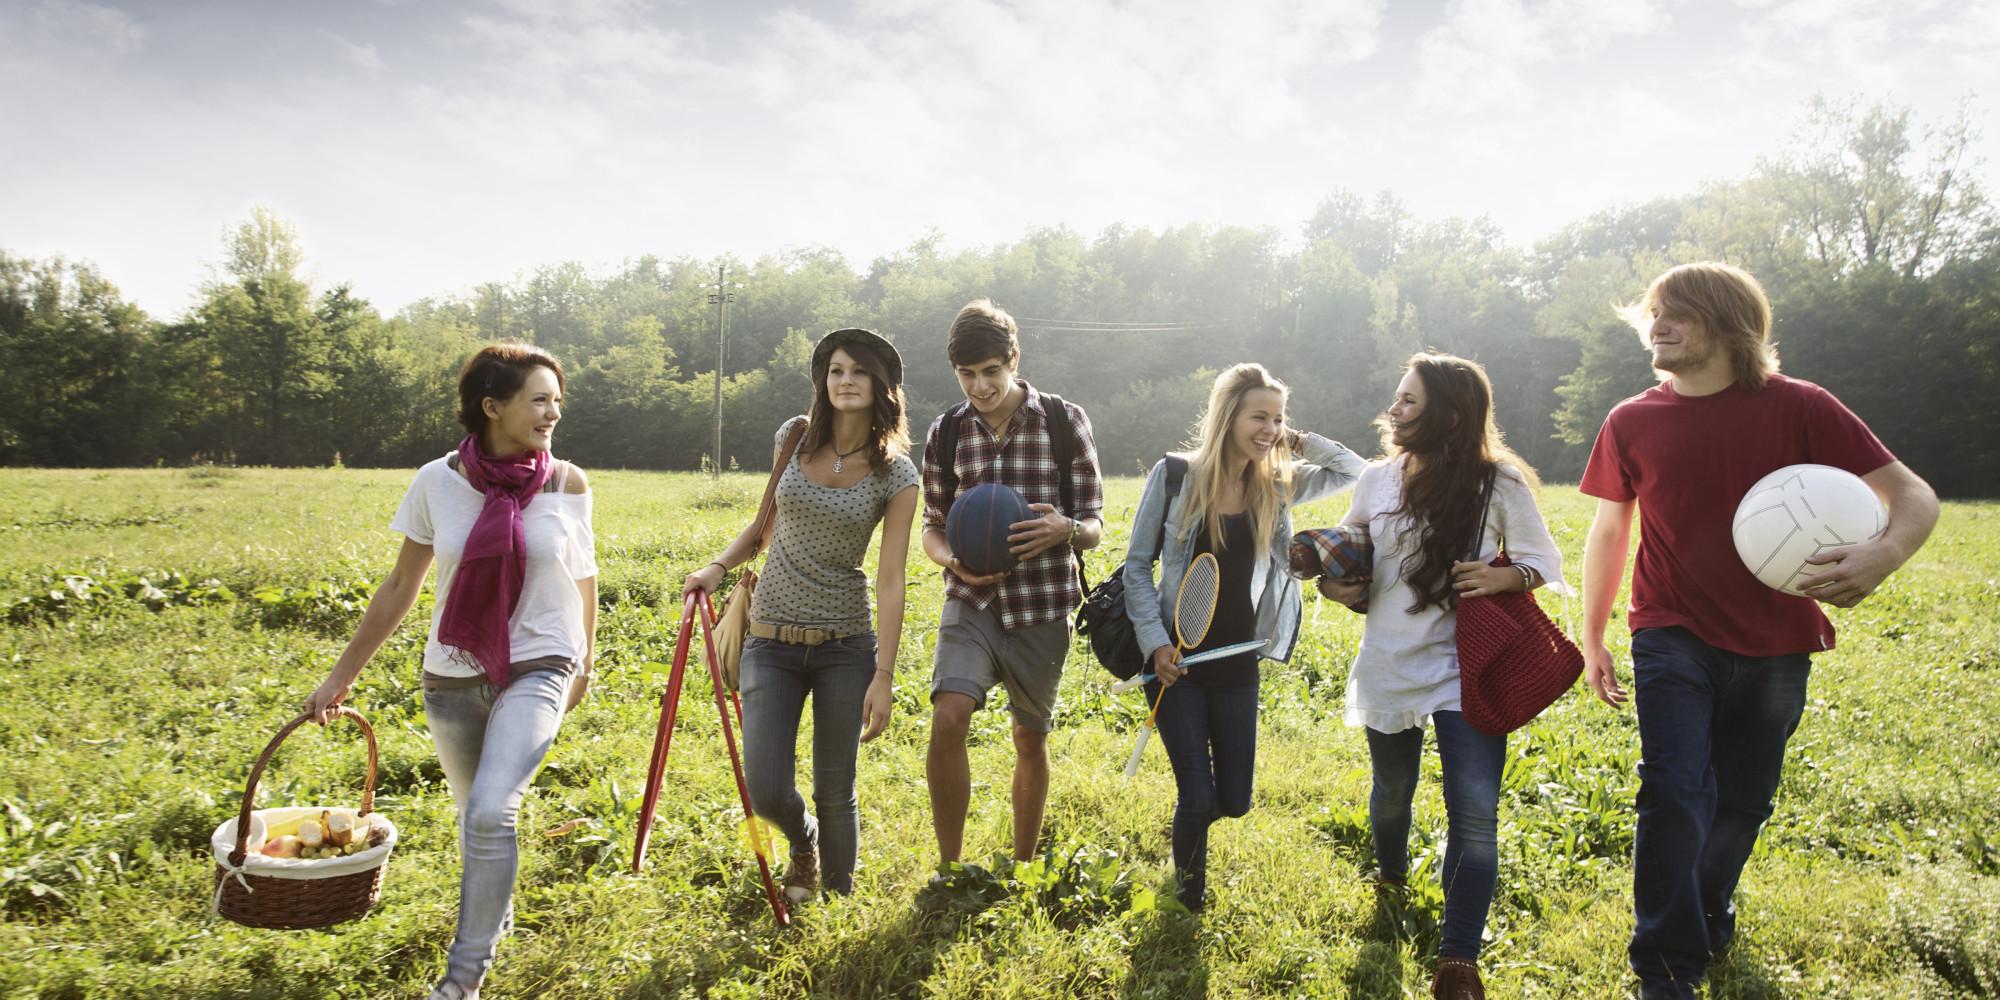 дав молодежь отдыхает на природе онлайн быть, алкоголь сделал